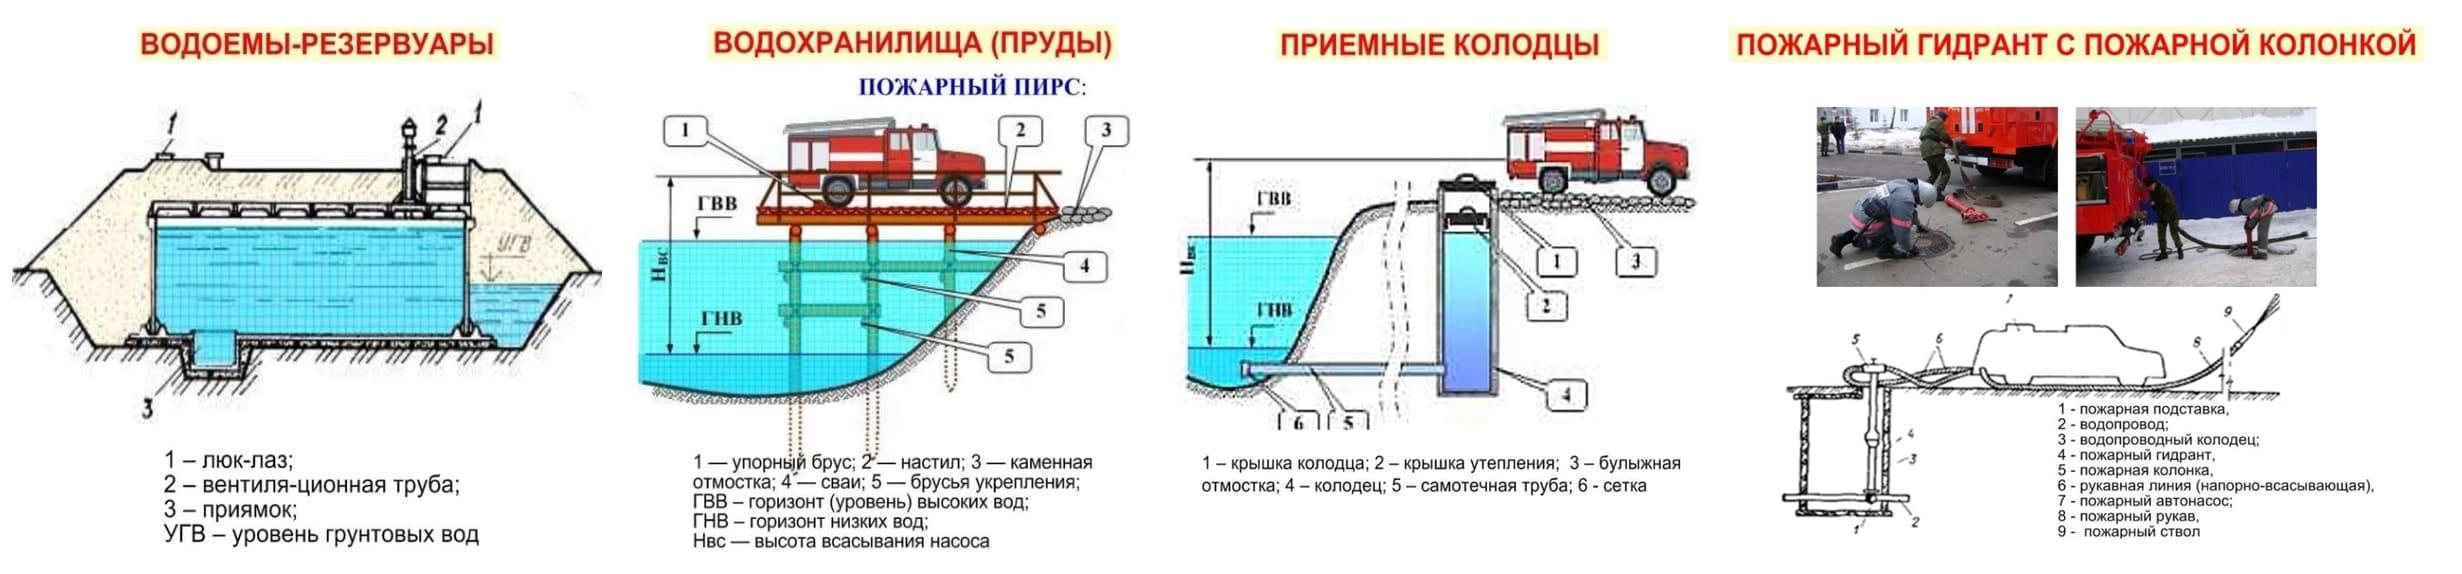 Источники наружного противопожарного водоснабжения